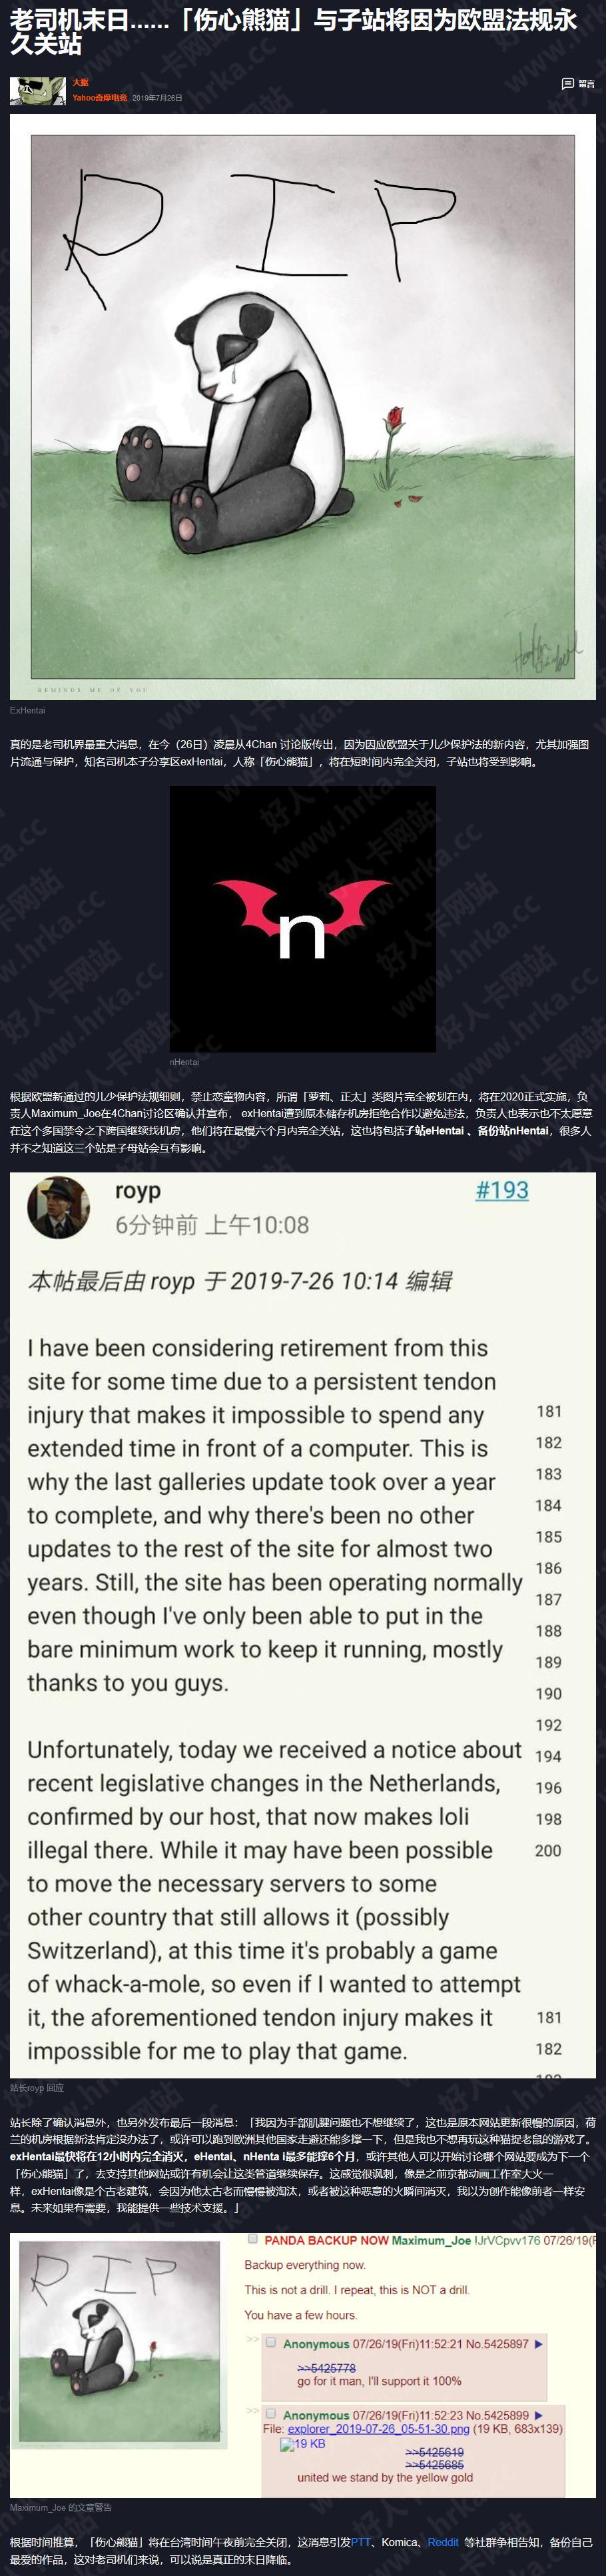 全球最大的绅士网站将要关闭